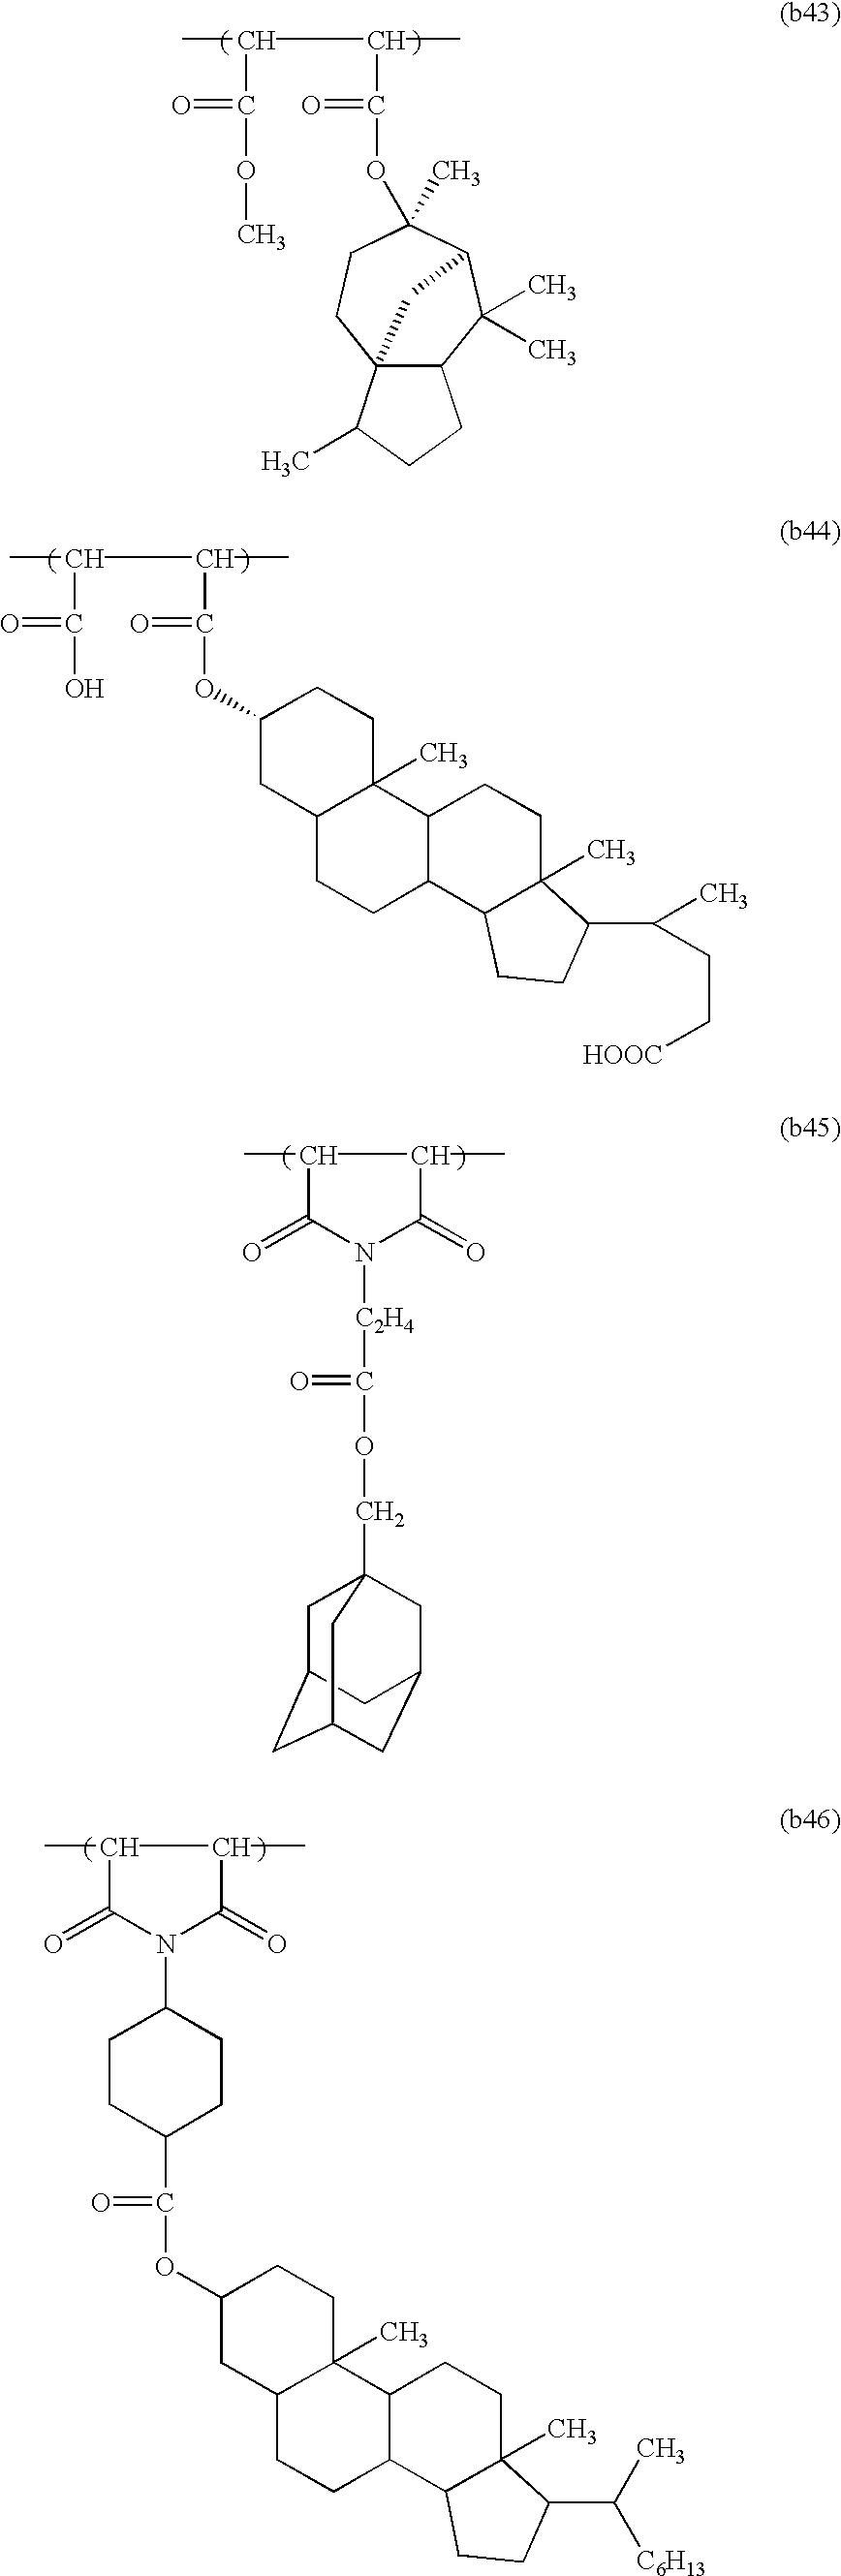 Figure US06492091-20021210-C00062